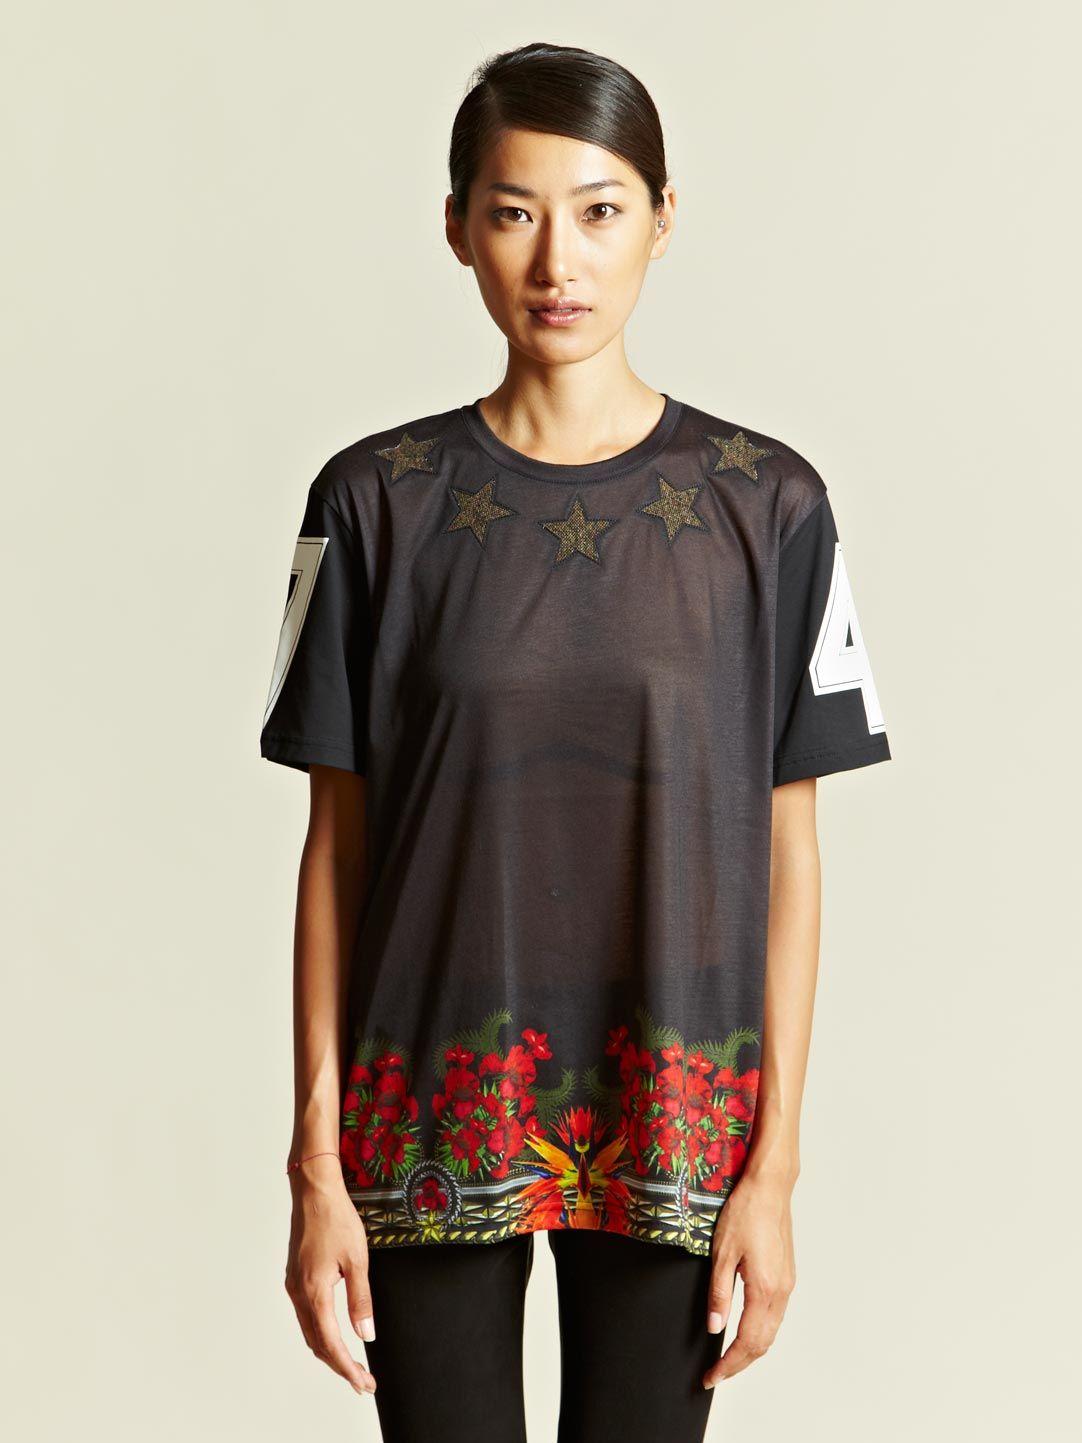 Givenchy Women's Printed T-shirt   LN-CC